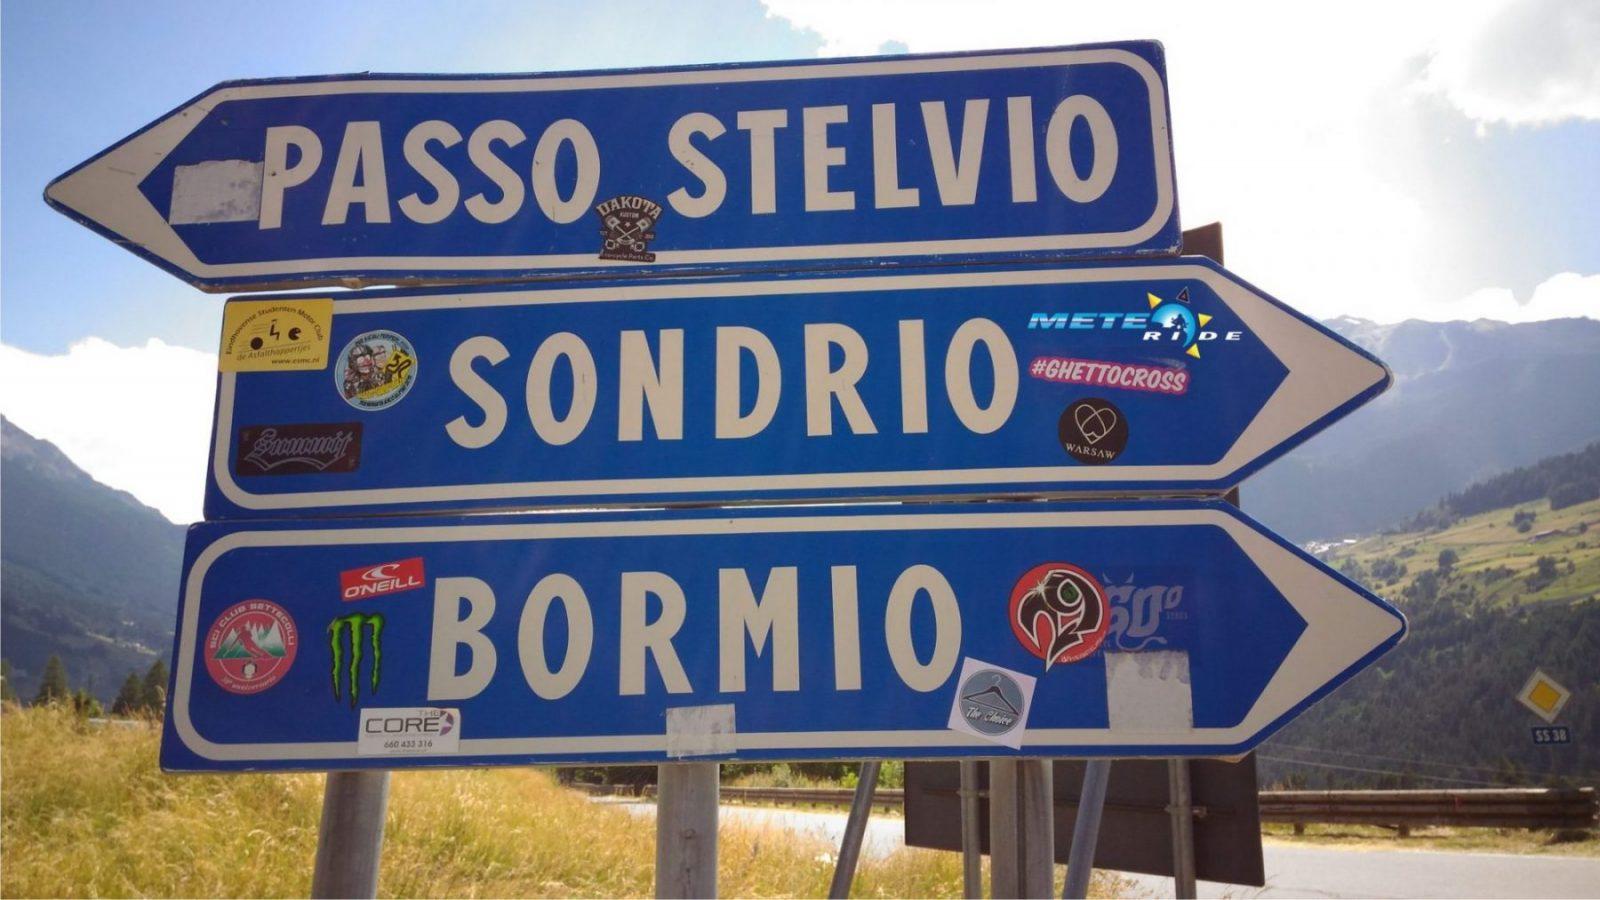 Стелвио пас Meteo-Ride.com5